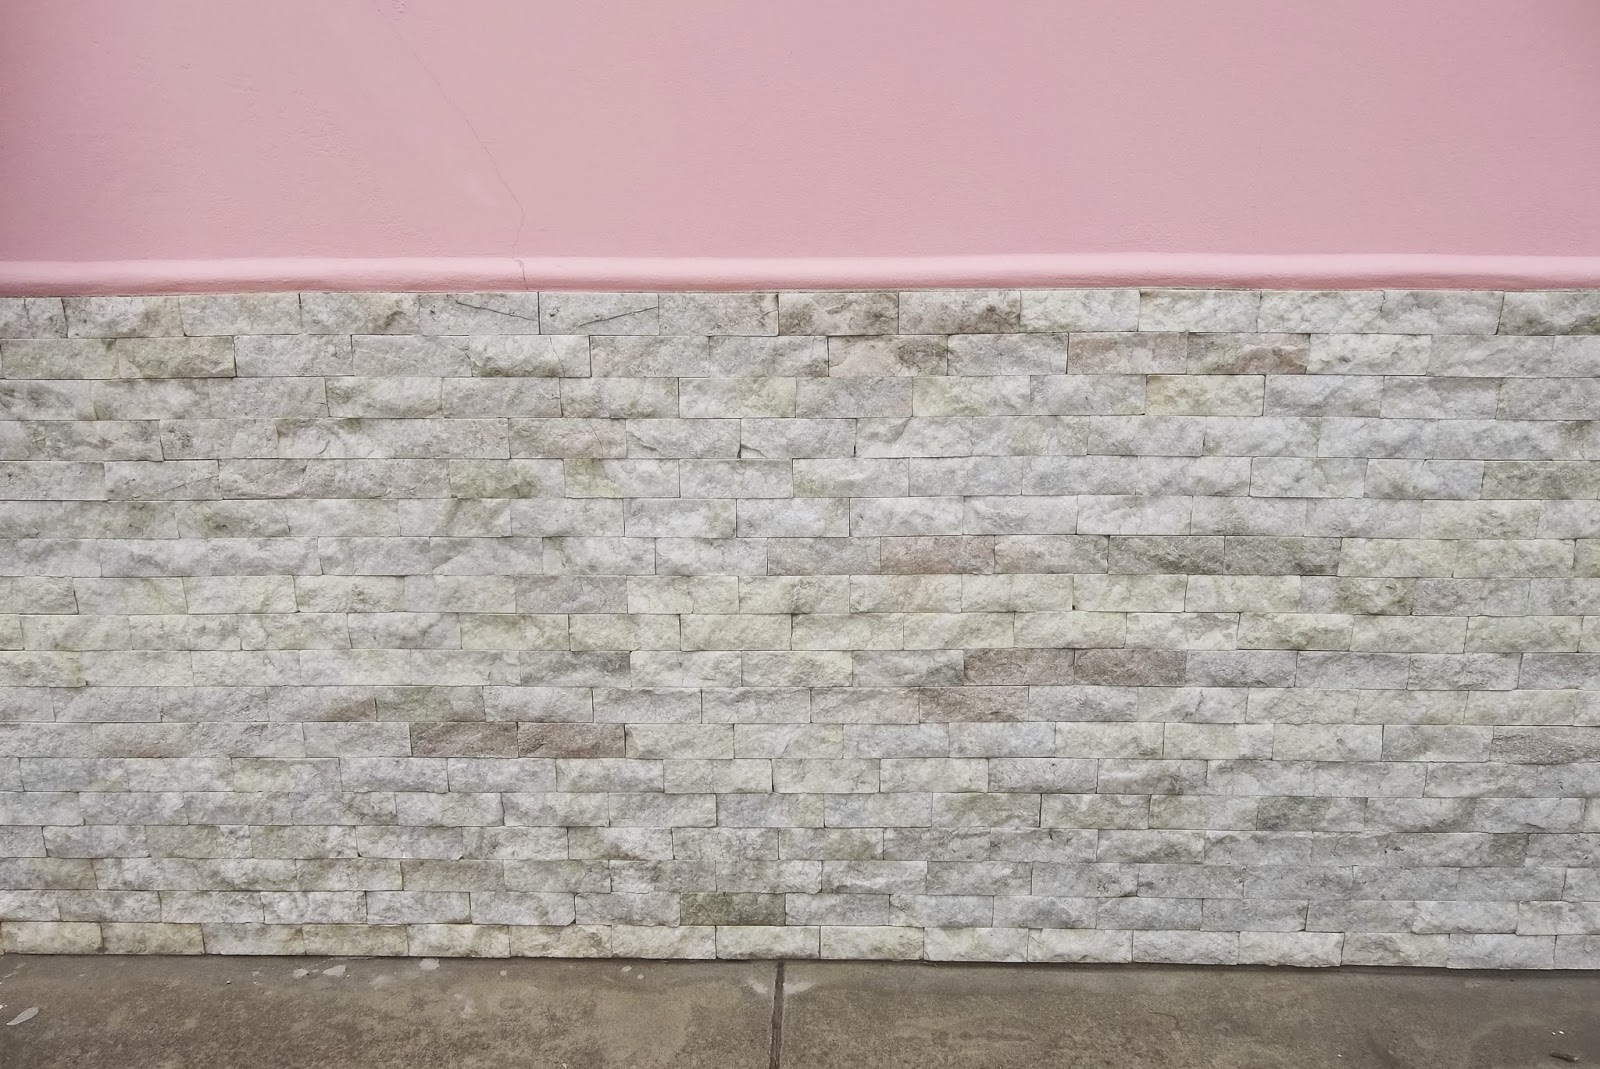 Premoldeados el muro revestimientos para pared - Pared de piedra interior ...